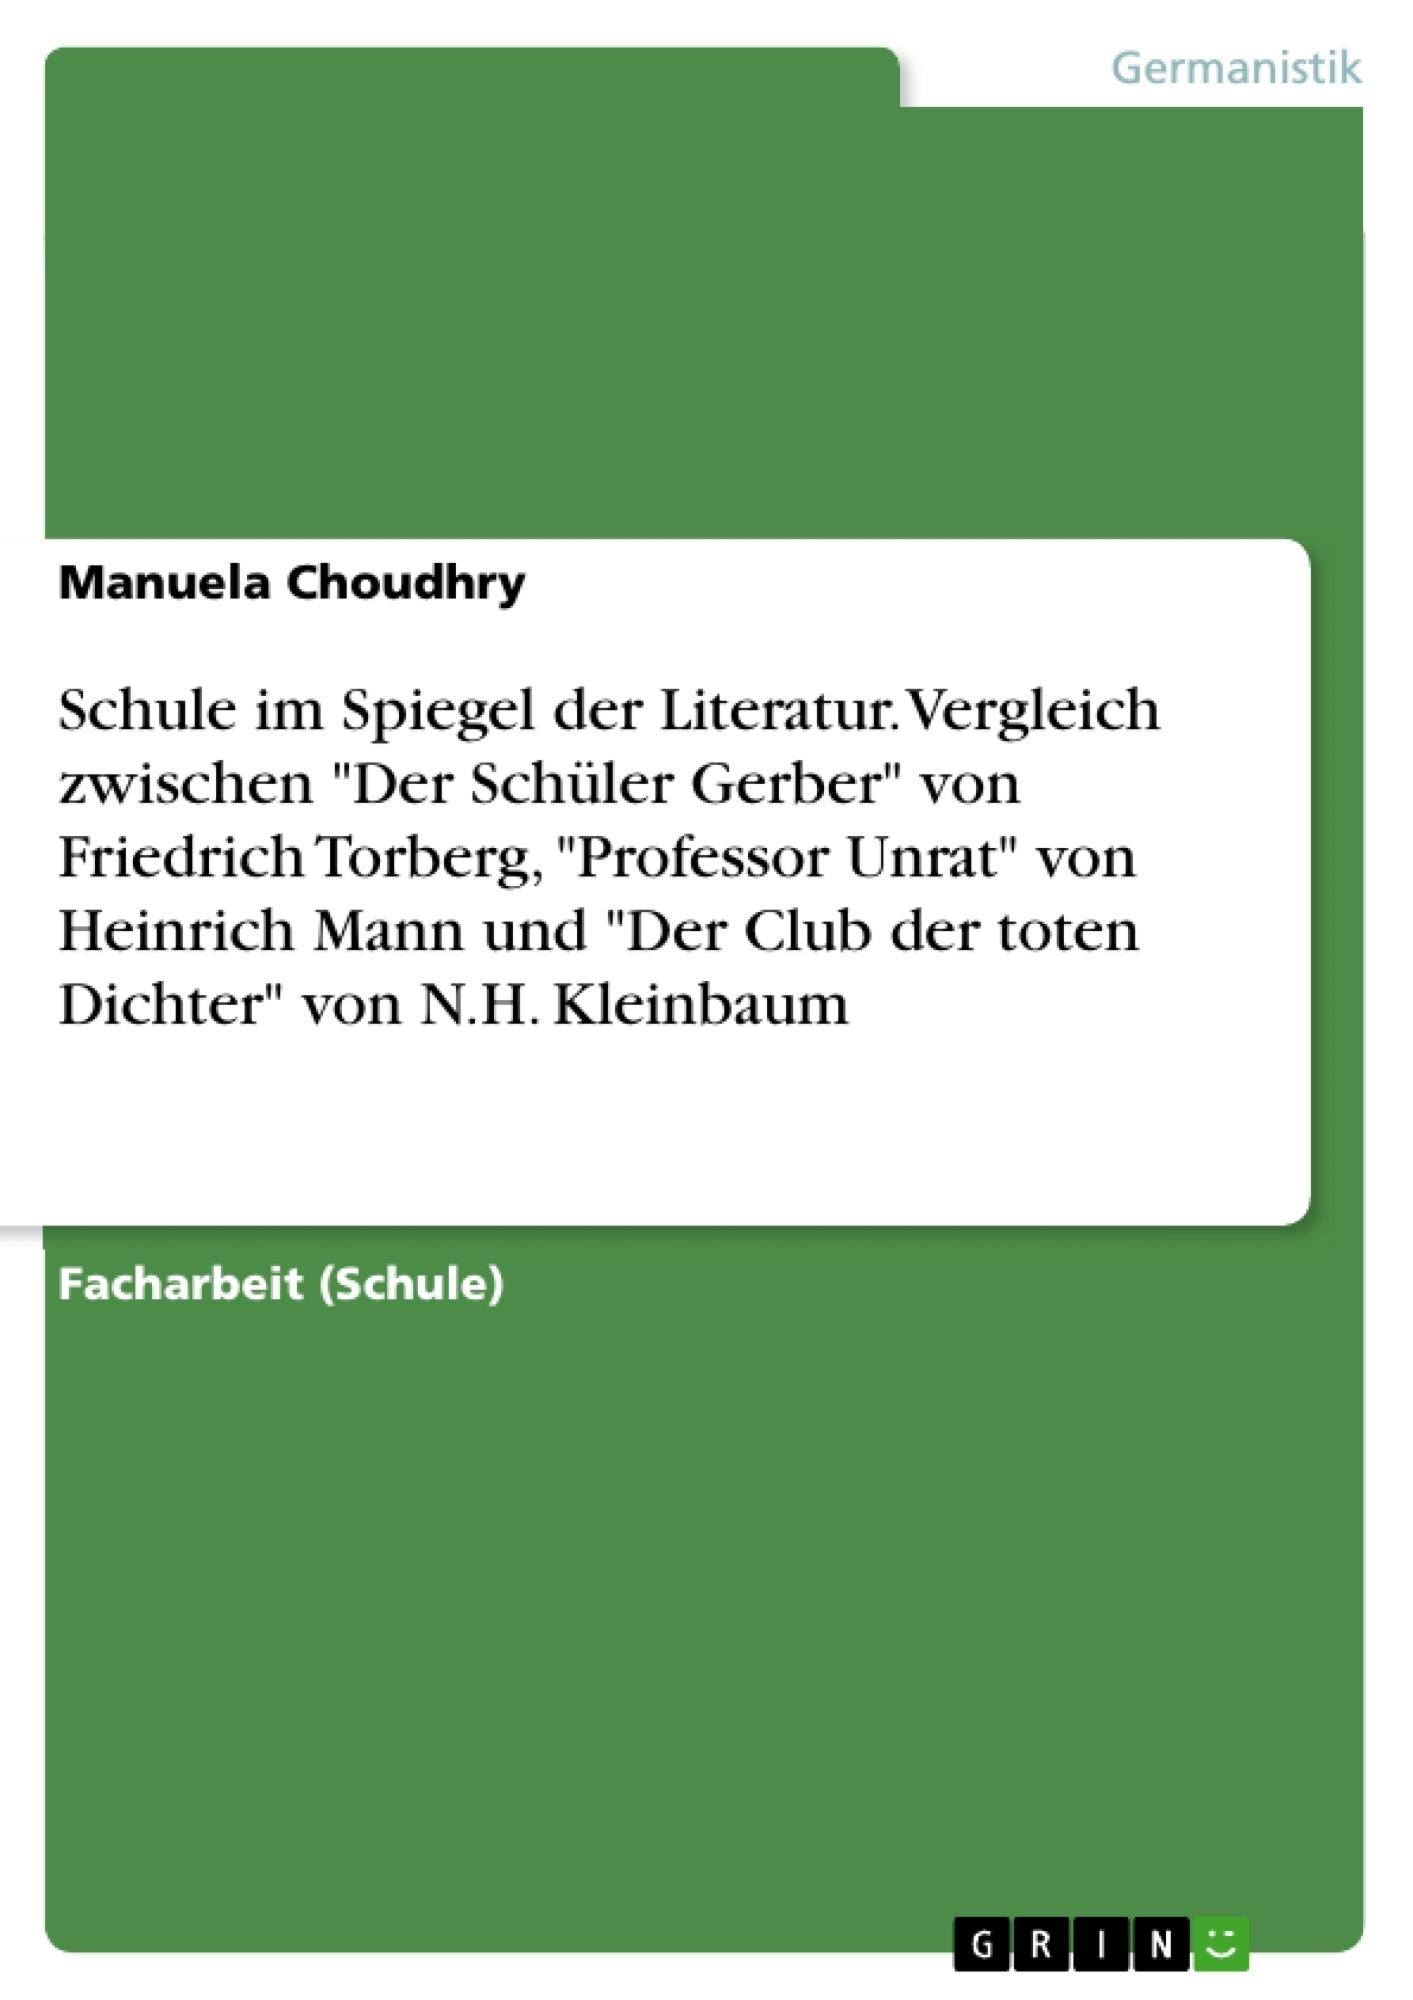 """Titel: Schule im Spiegel der Literatur. Vergleich zwischen """"Der Schüler Gerber"""" von Friedrich Torberg, """"Professor Unrat"""" von Heinrich Mann und """"Der Club der toten Dichter"""" von N.H. Kleinbaum"""